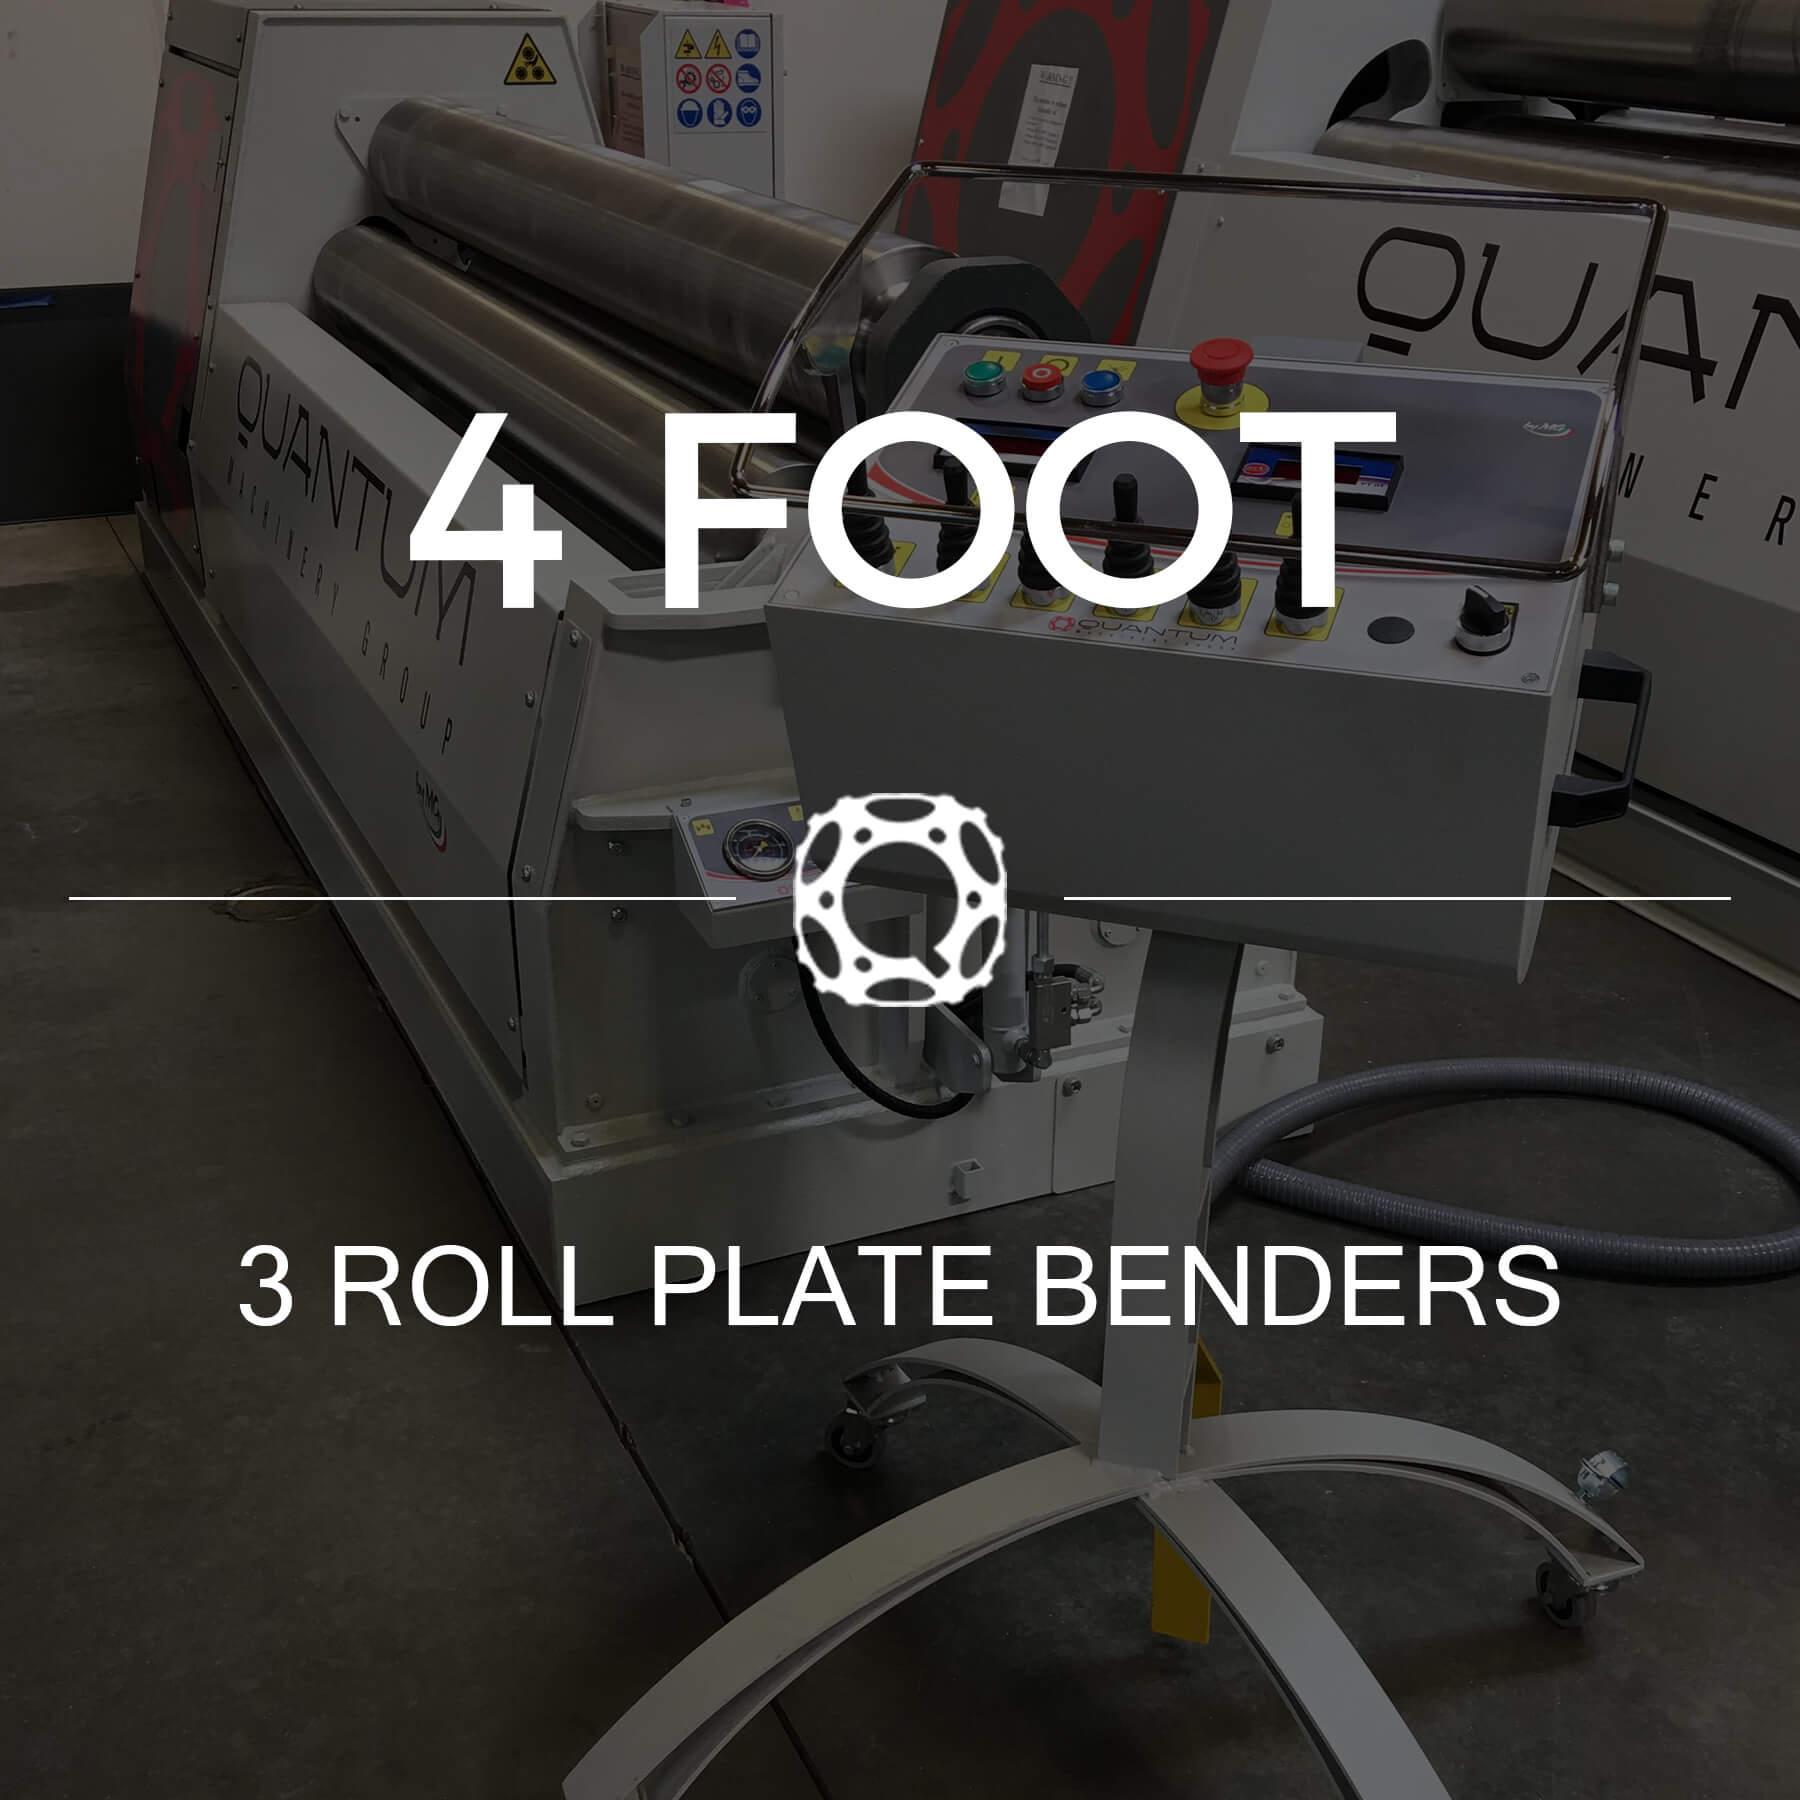 4 Foot - 3 Roll Plate Benders (1).jpg